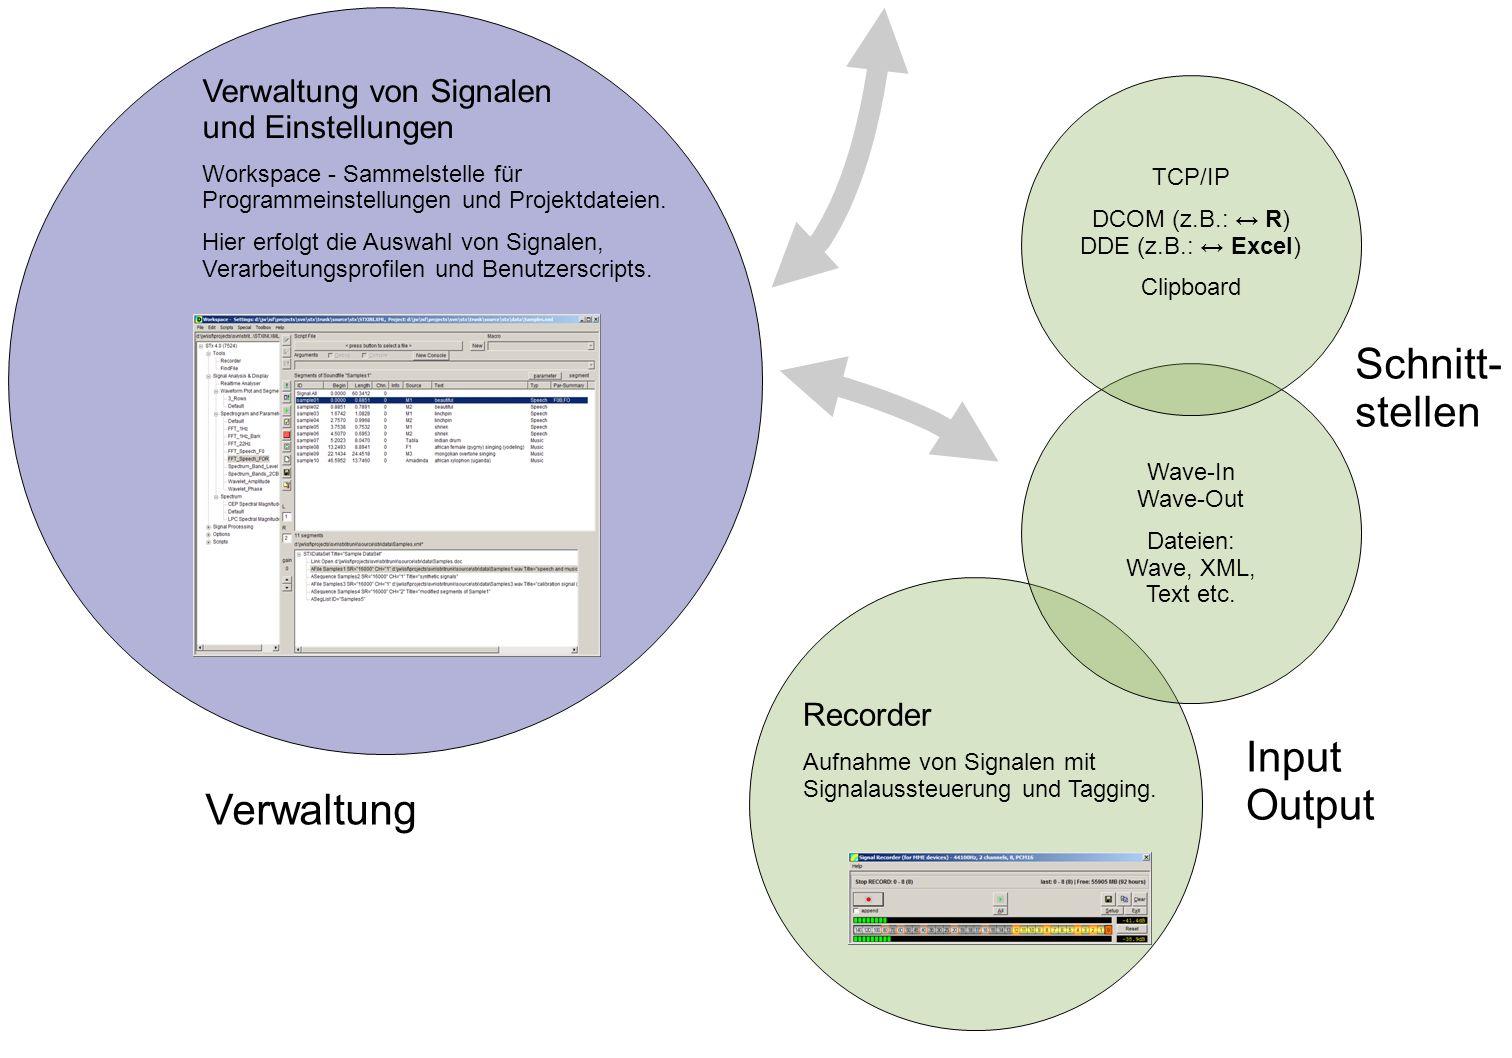 Verwaltung von Signalen und Einstellungen Workspace - Sammelstelle für Programmeinstellungen und Projektdateien. Hier erfolgt die Auswahl von Signalen